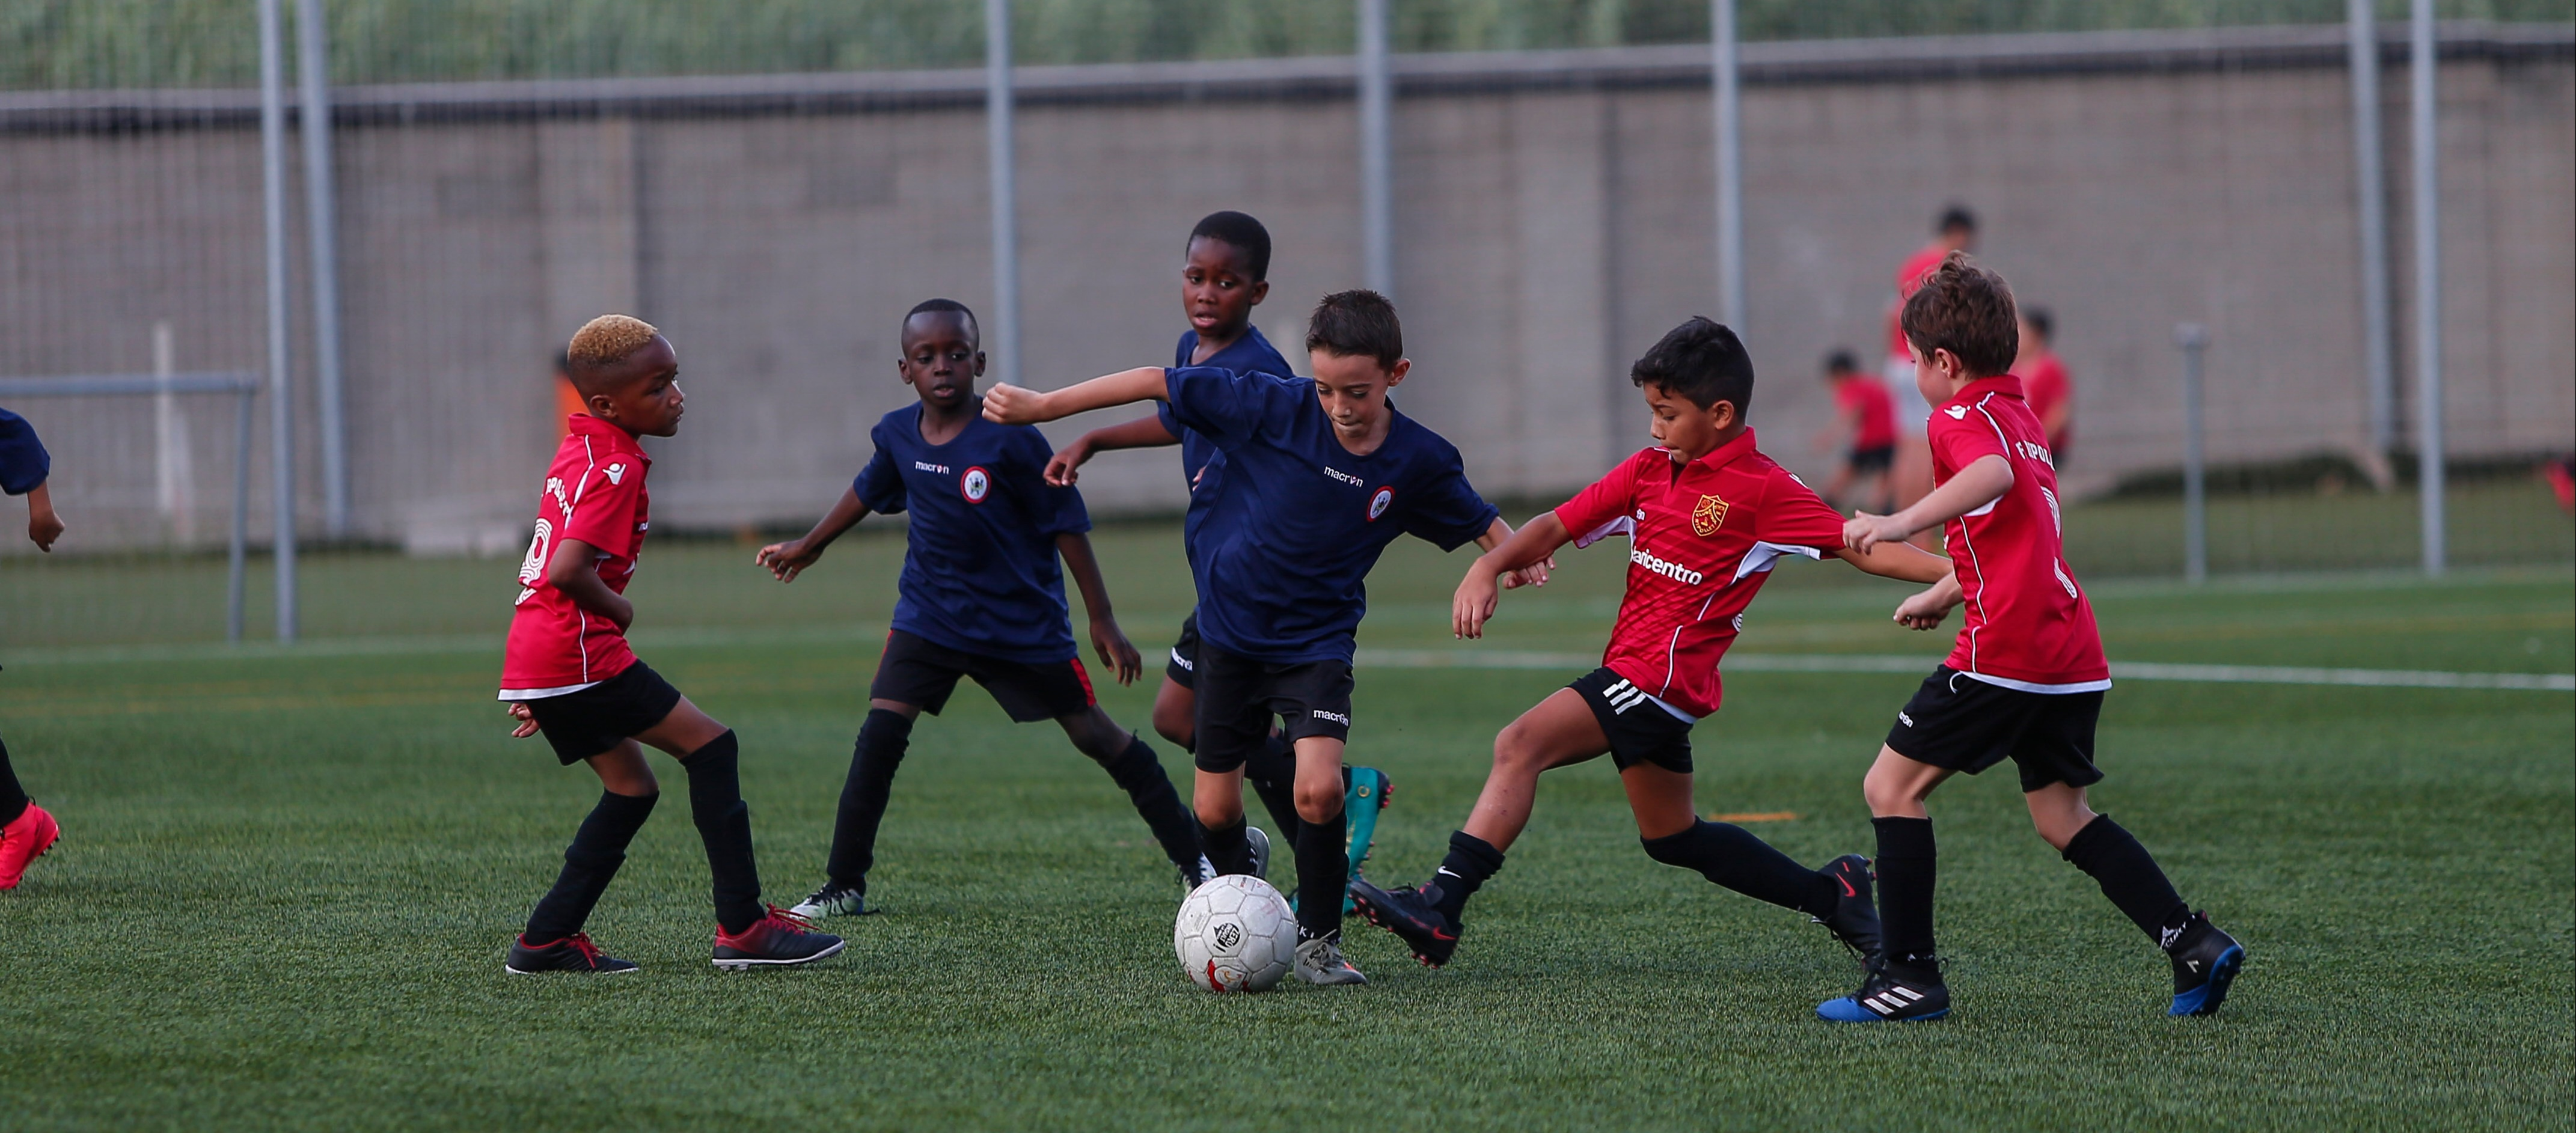 Adaptación del plan de competiciones de fútbol 11 y fútbol 7